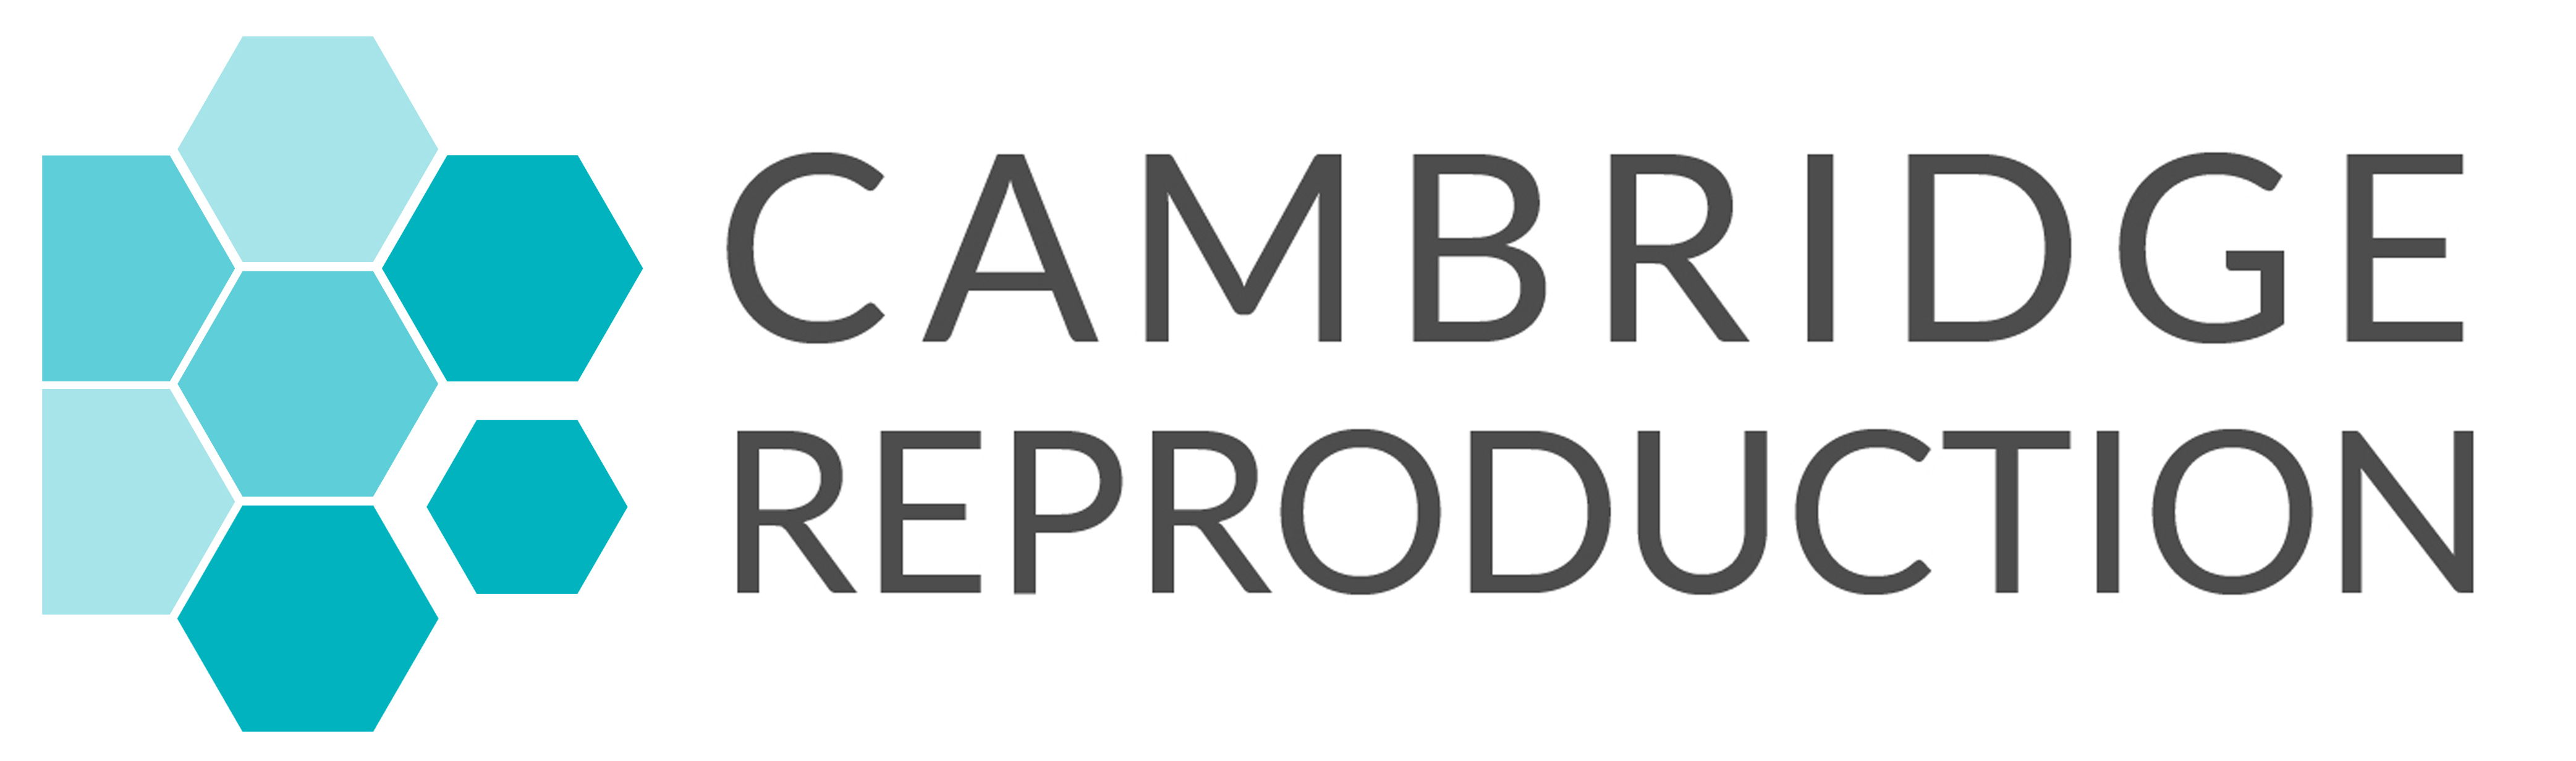 Cambridge Reproduction SRI logo